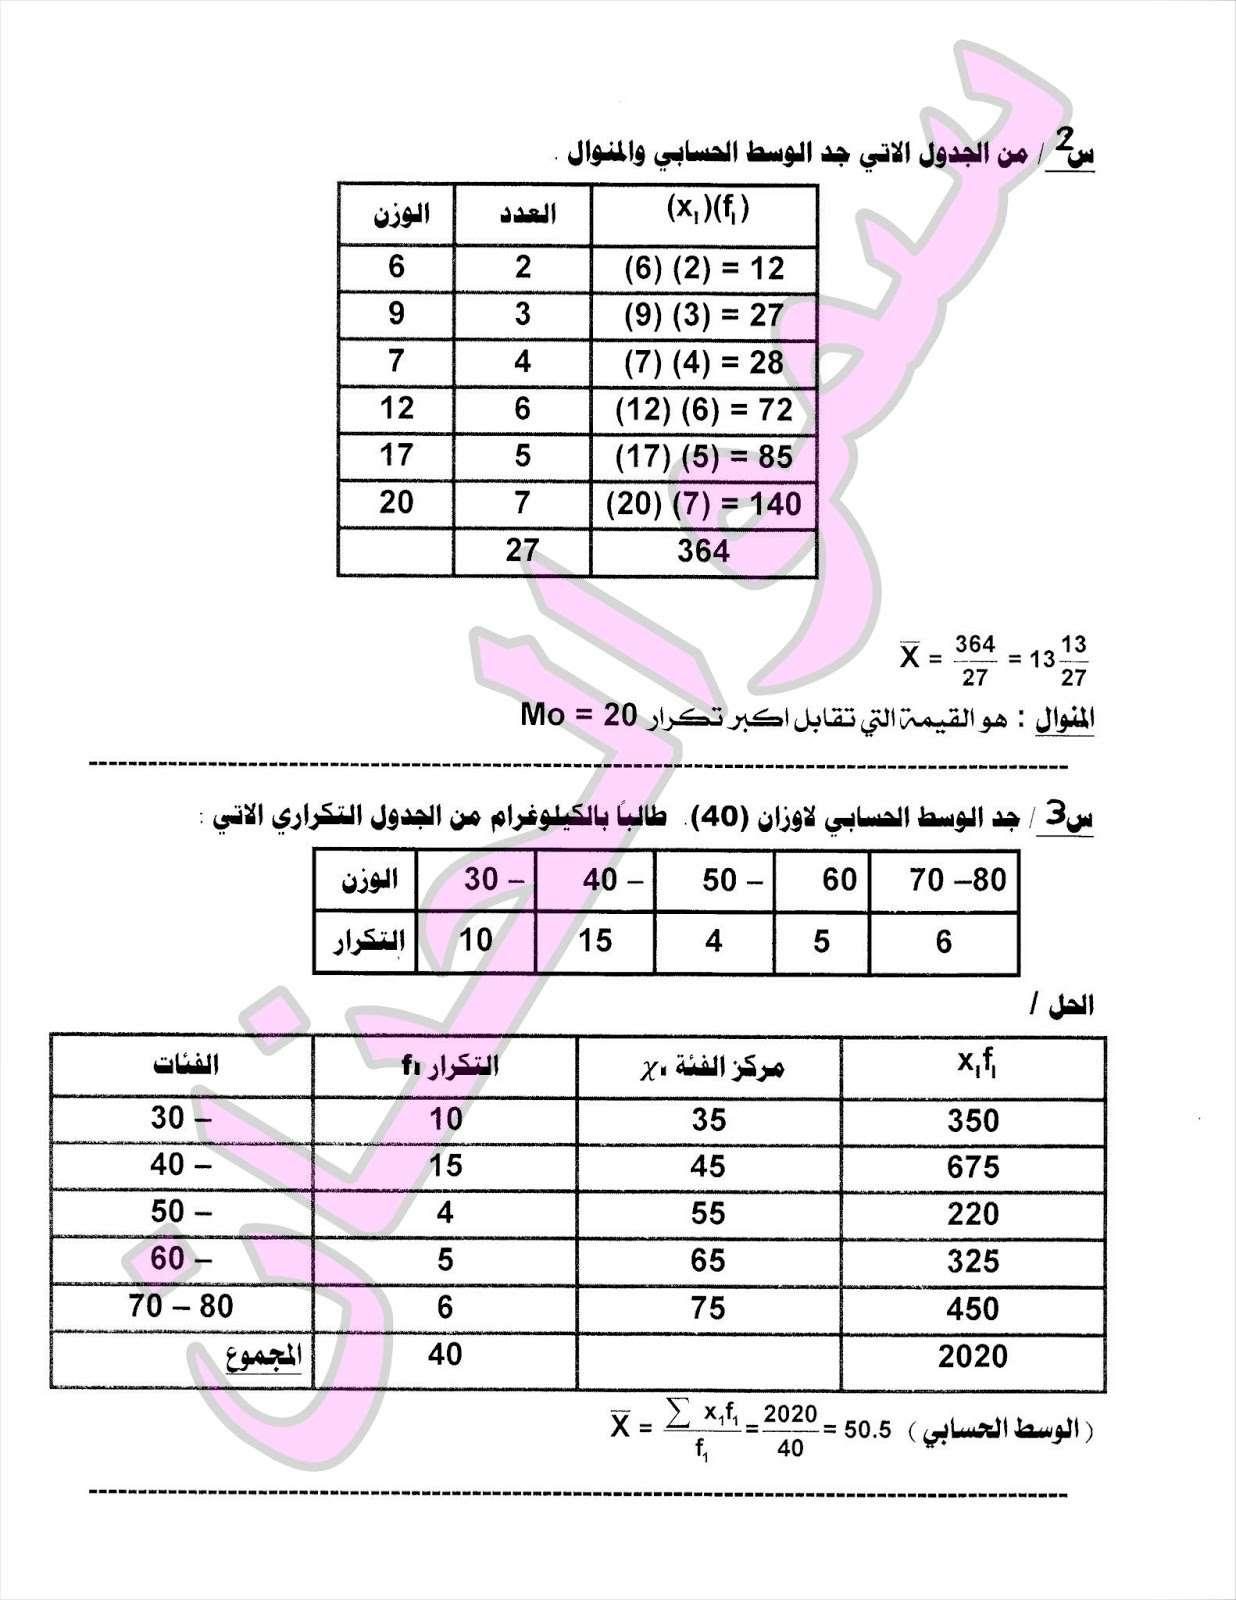 المراجعة المركزة وملخص لمادة الرياضيات للصف الثالث المتوسط 2017 | الجزء 3 2810